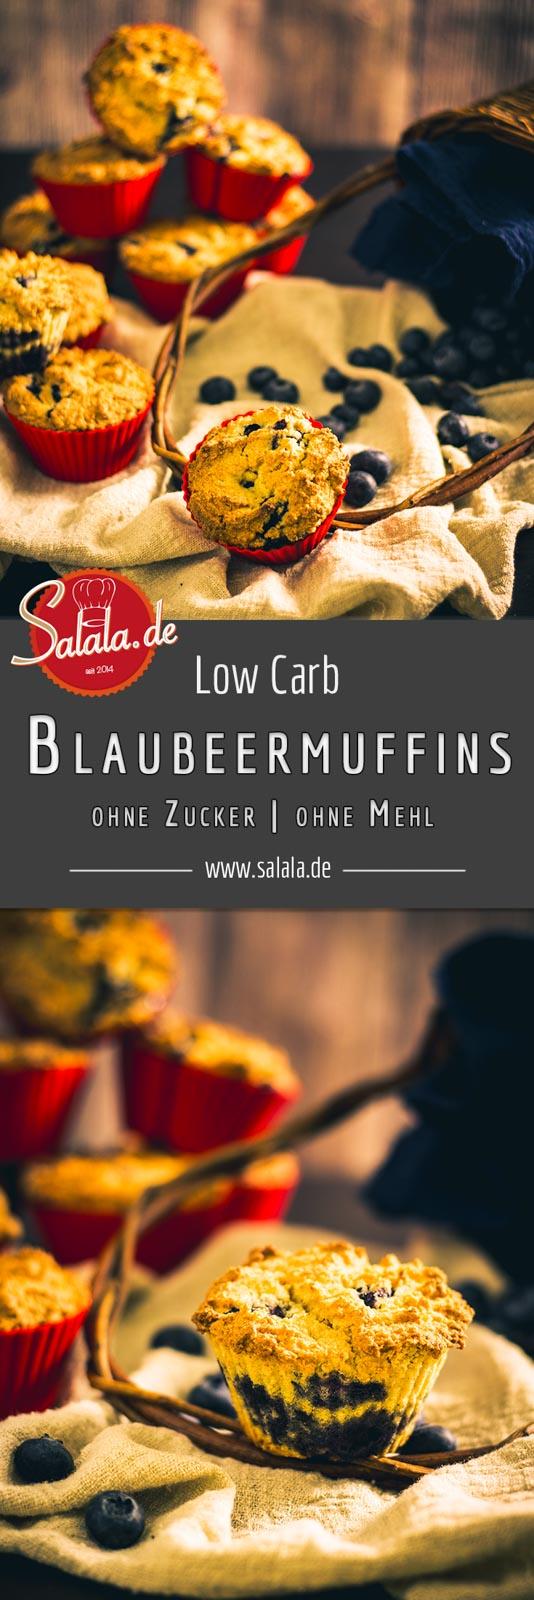 Blaubeermuffins - by salala.de - Low Carb Rezept ohne Mehl und ohne Zucker #lowcarb #lowcarbrezepte #glutenfrei #muffins #heidelbeeren #zuckerfrei